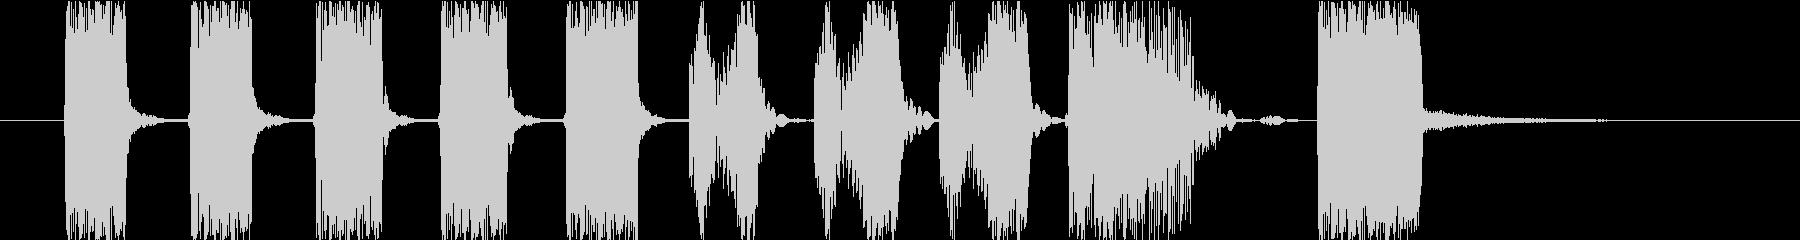 90sのHipHopのようなジングルの未再生の波形